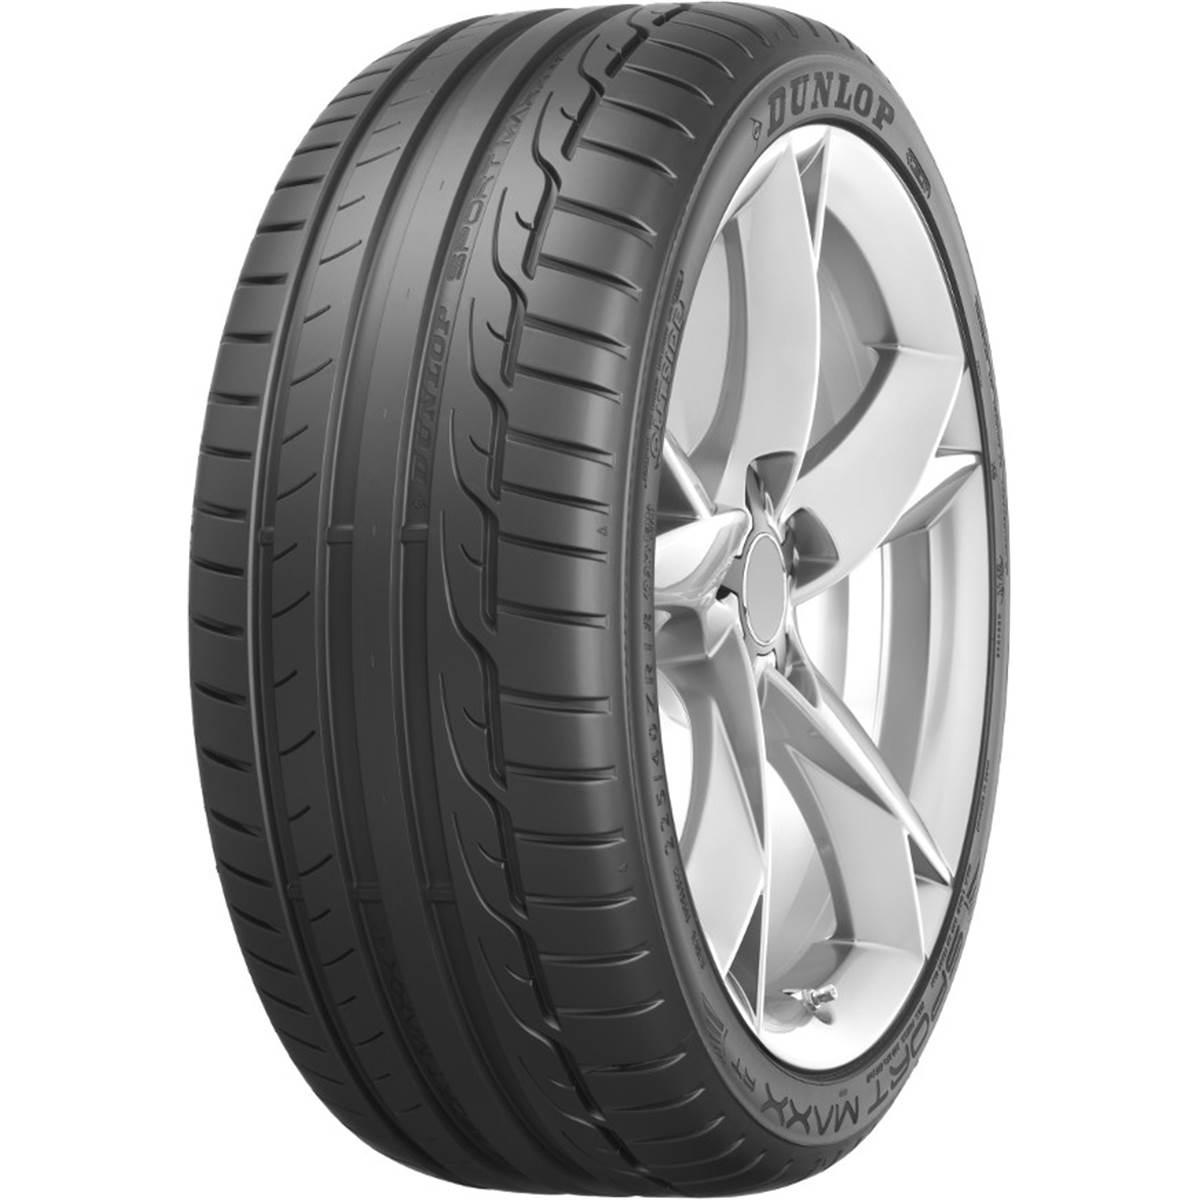 Pneu Dunlop 255/30R21 93Y Sp Sport Maxx Rt XL